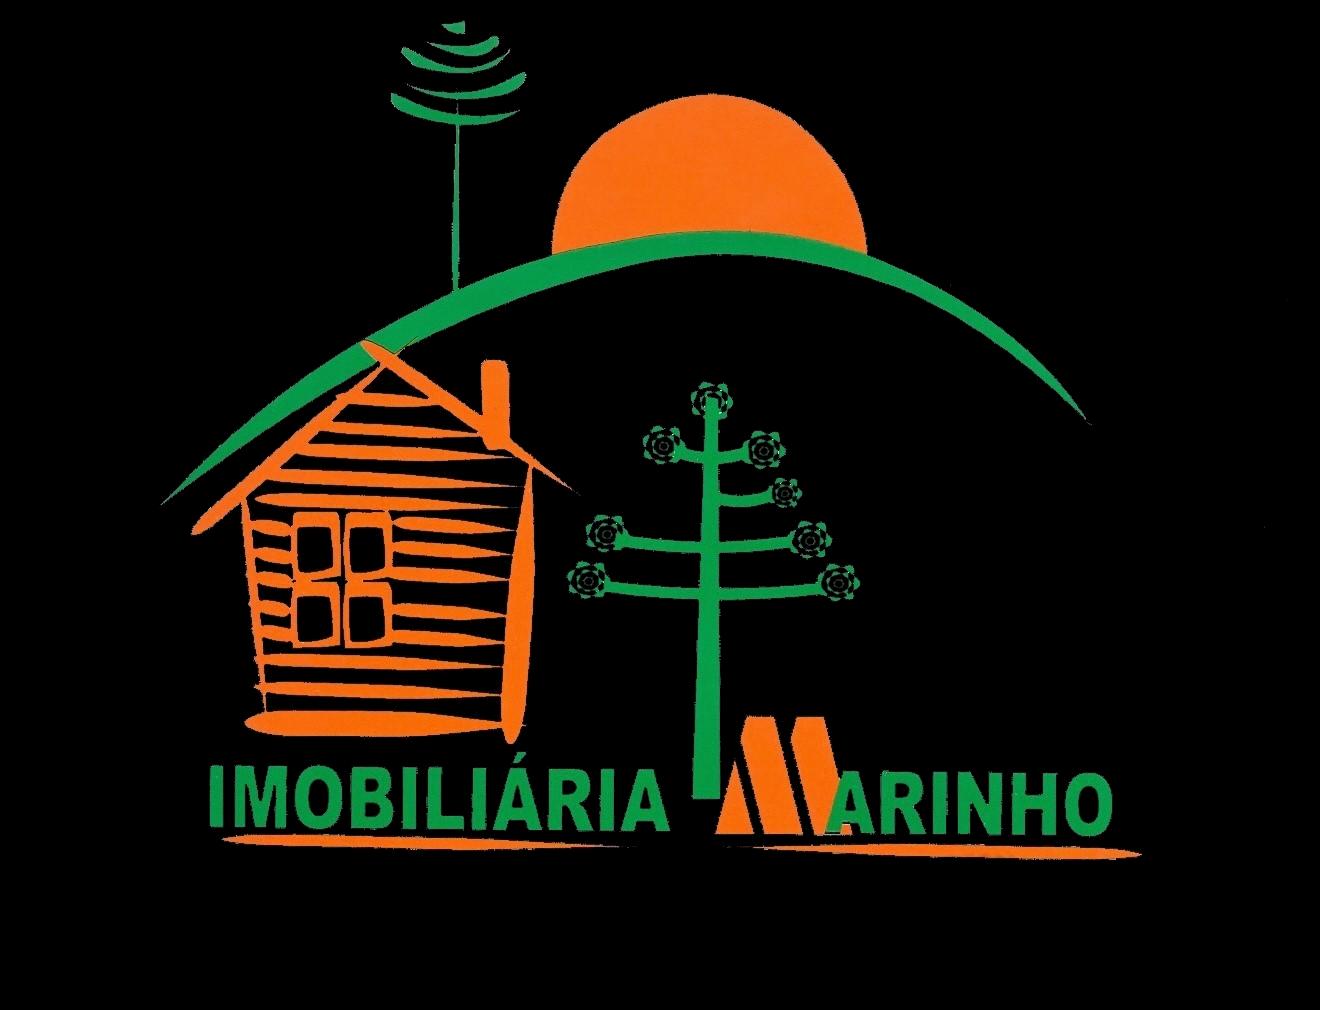 (c) Imobiliariamarinho.com.br